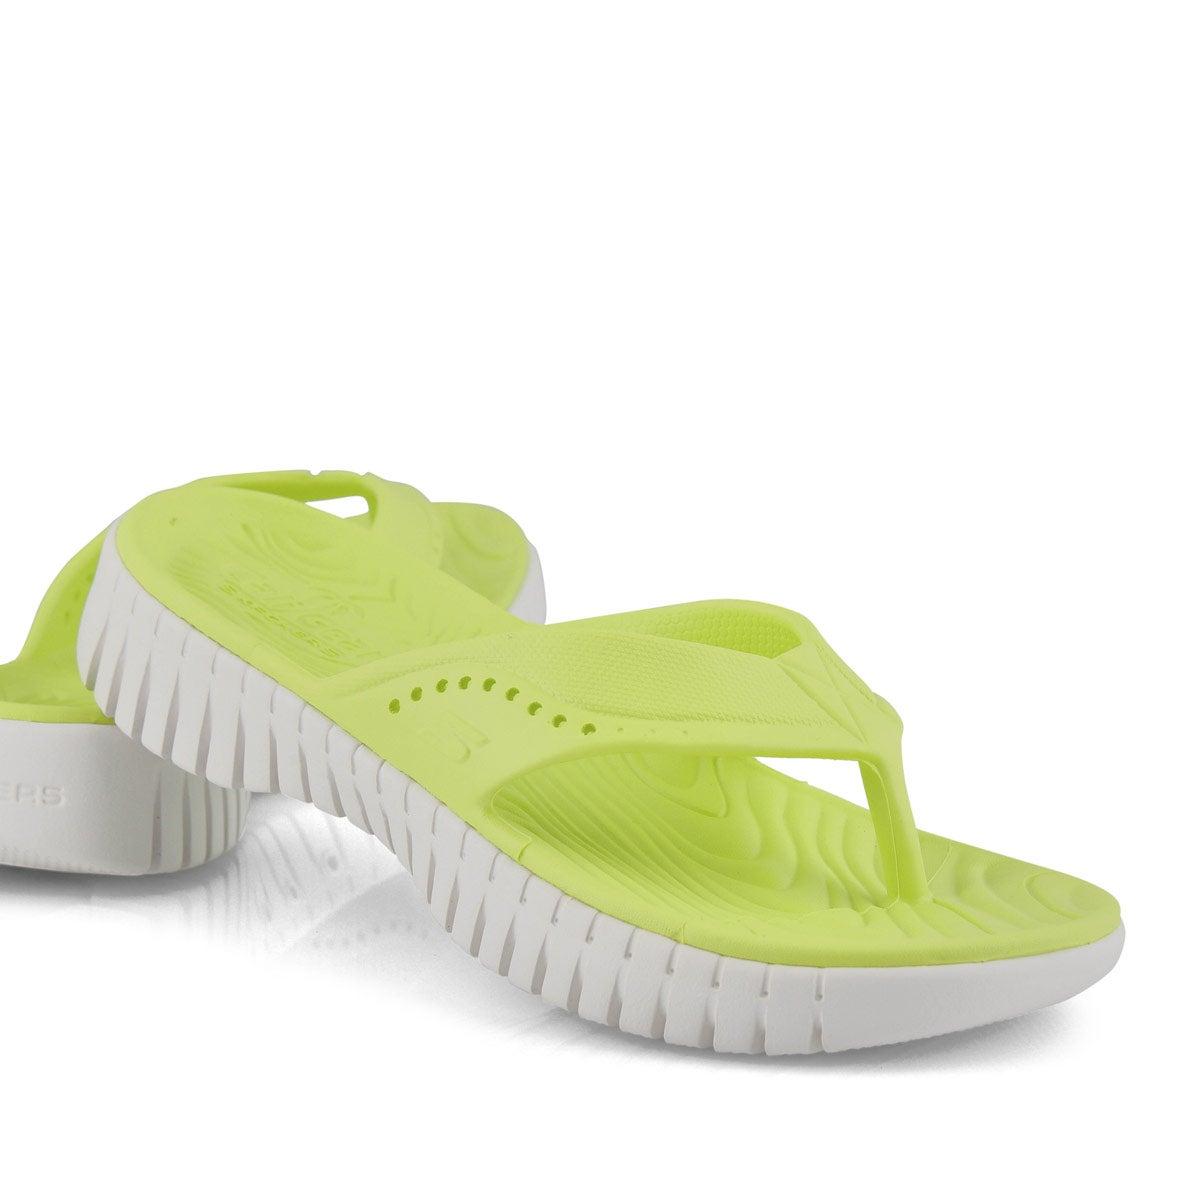 Women's Go Walk Smart Sandal - Lime